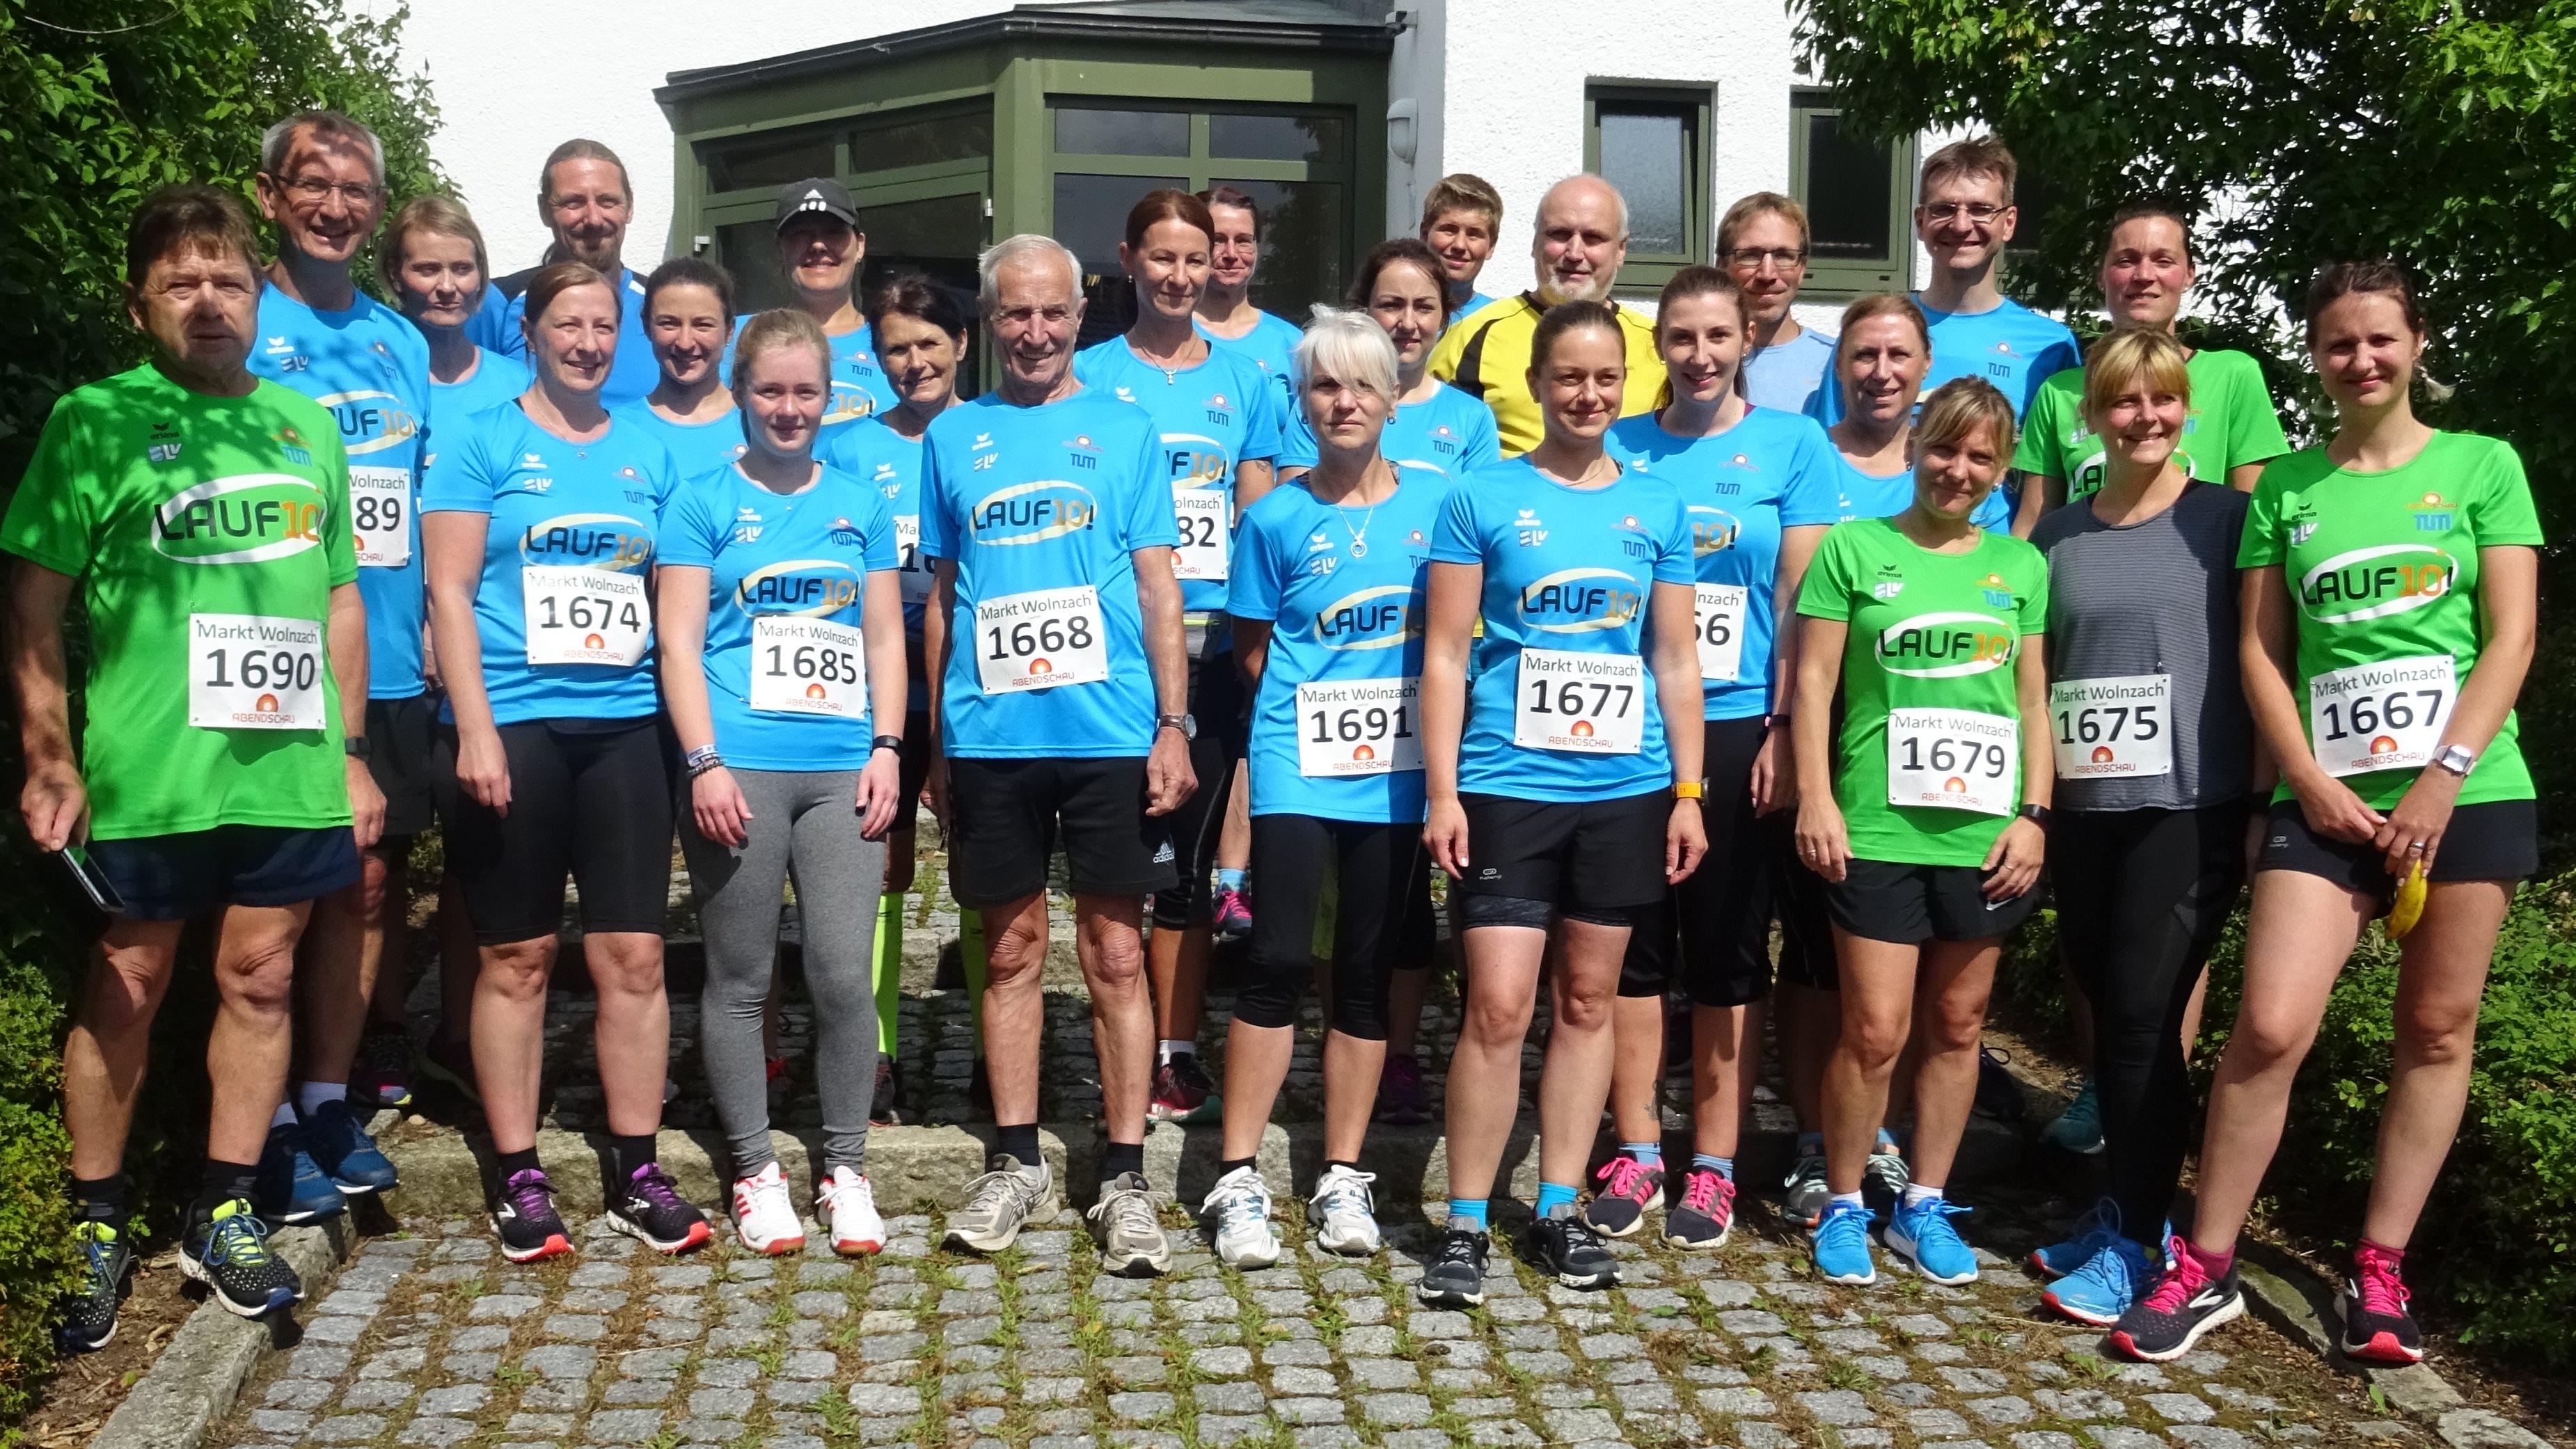 Mit 26 Läuferinnen und Läufer war das Nordic Team Klingenbrunn nach drei Monate intensiven Training zum Abschlusslauf nach Wolnzach angereist.